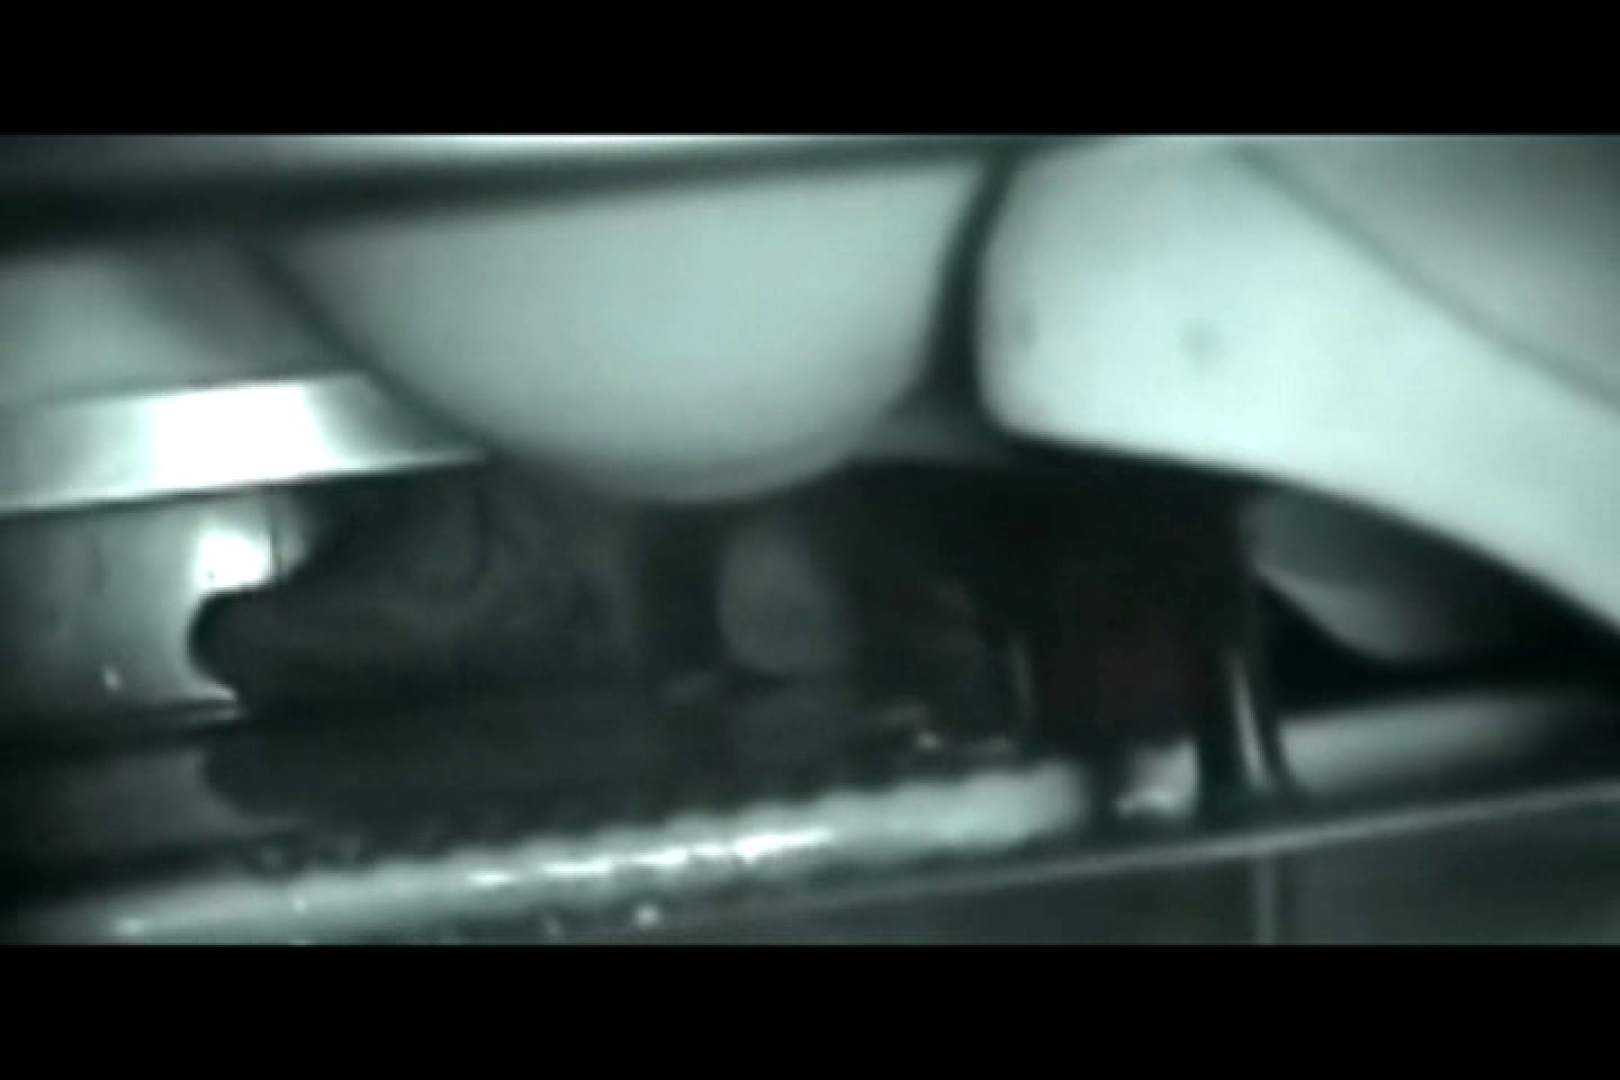 ぼっとん洗面所スペシャルVol.17 洗面所 アダルト動画キャプチャ 80画像 17